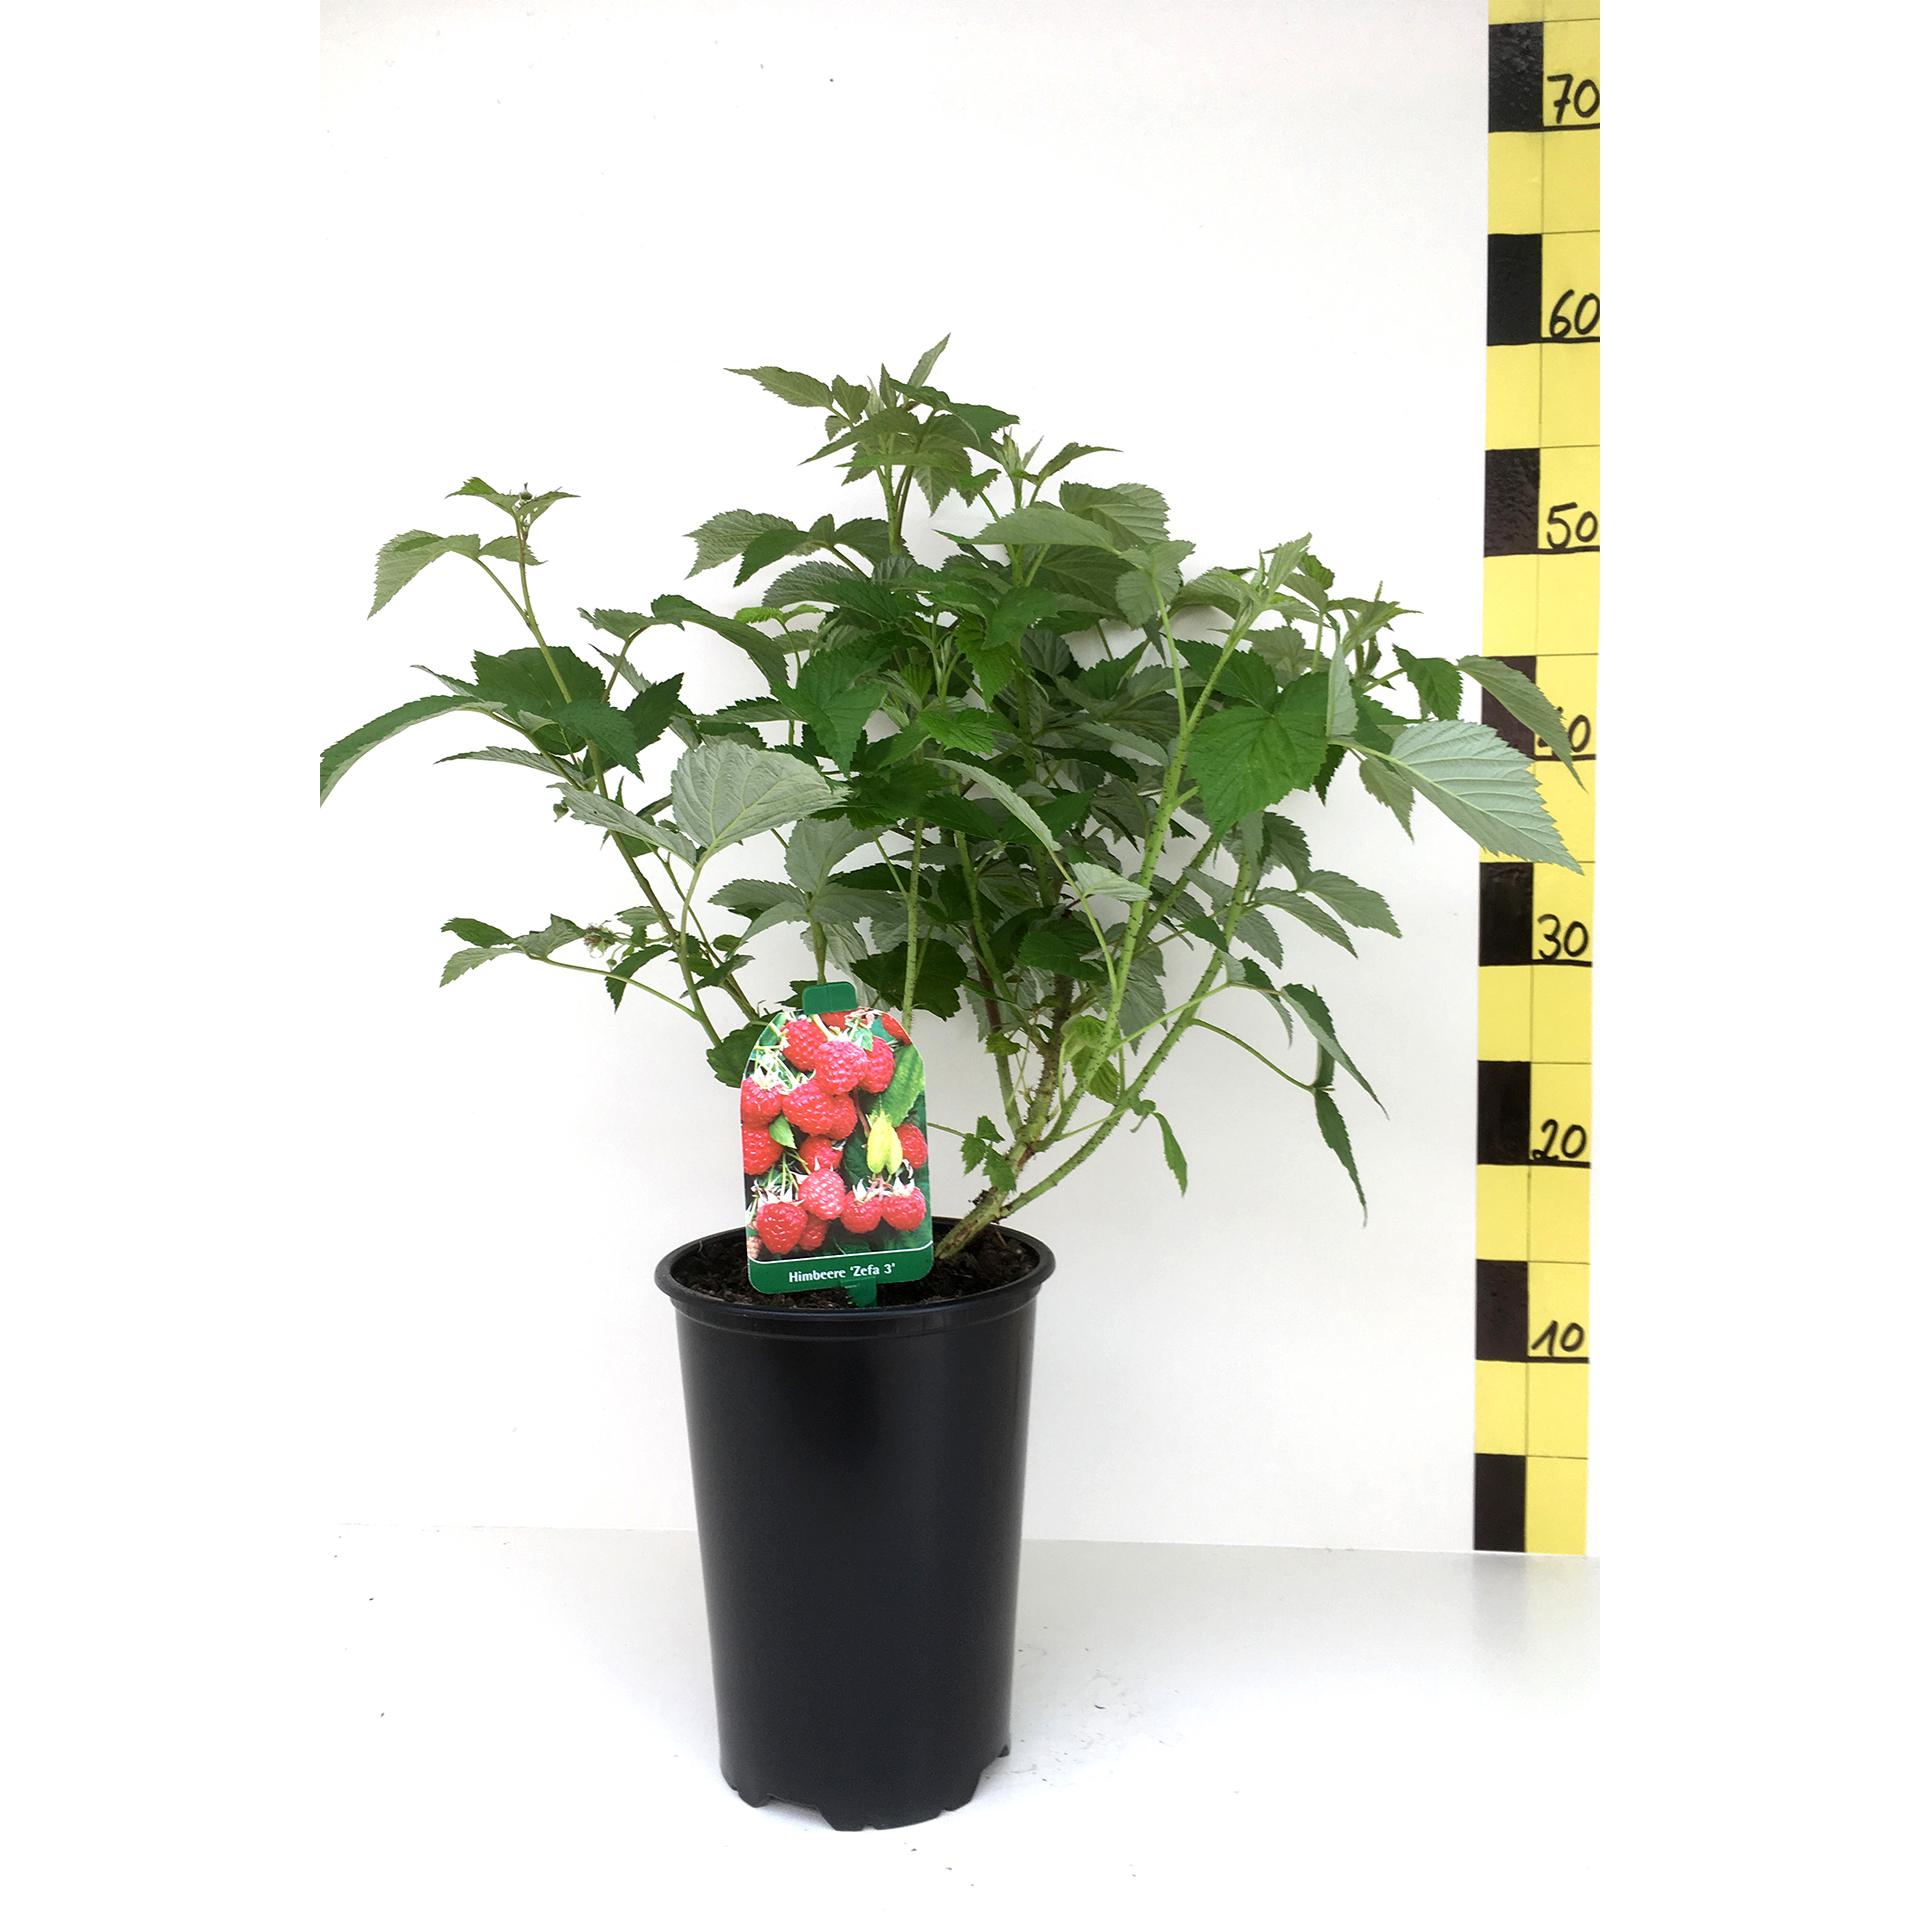 Himbeere - Rubus idaeus 'Zefa 3', C3 30-40cm